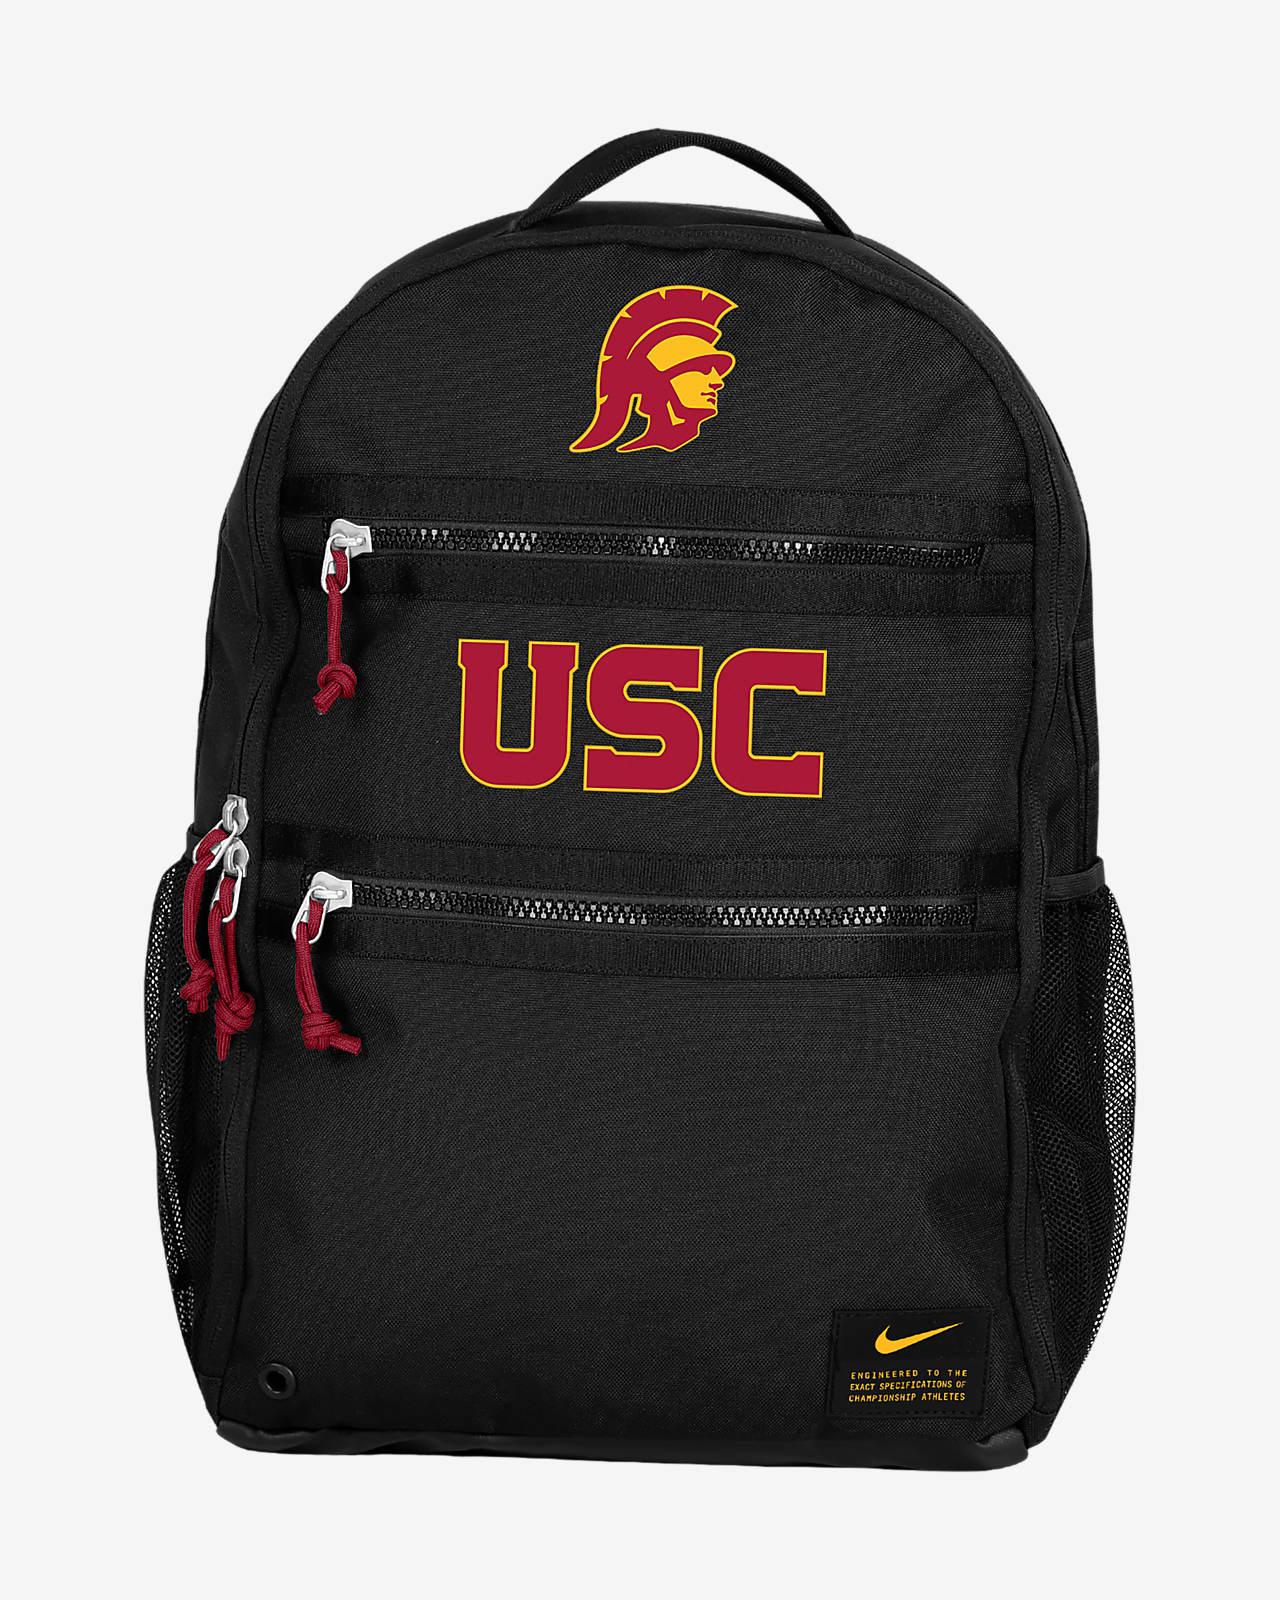 Nike College (USC) Backpack